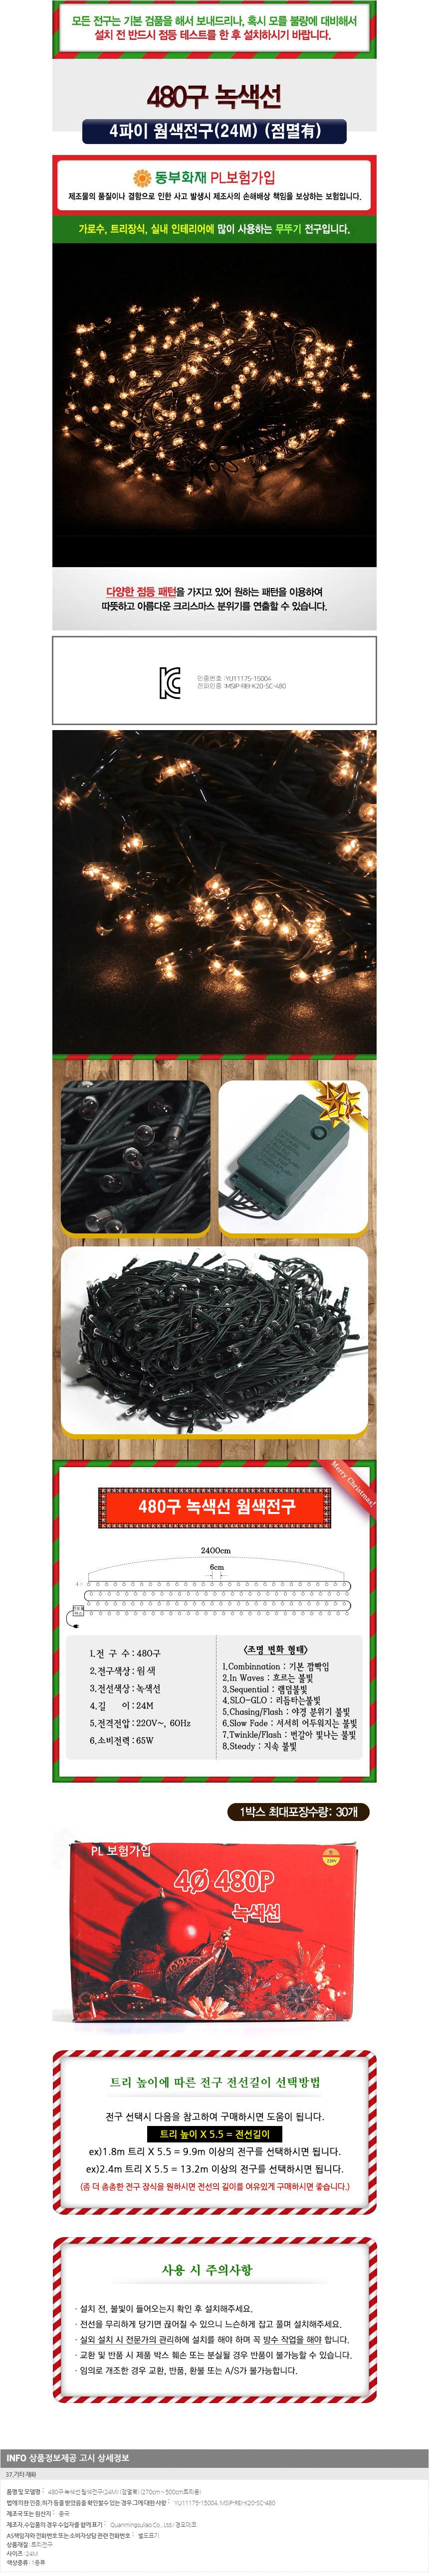 화이트모던 480구 크리스마스 트리용 조명전구 장식 - 기프트갓, 23,000원, 크리스마스, 전구/조명